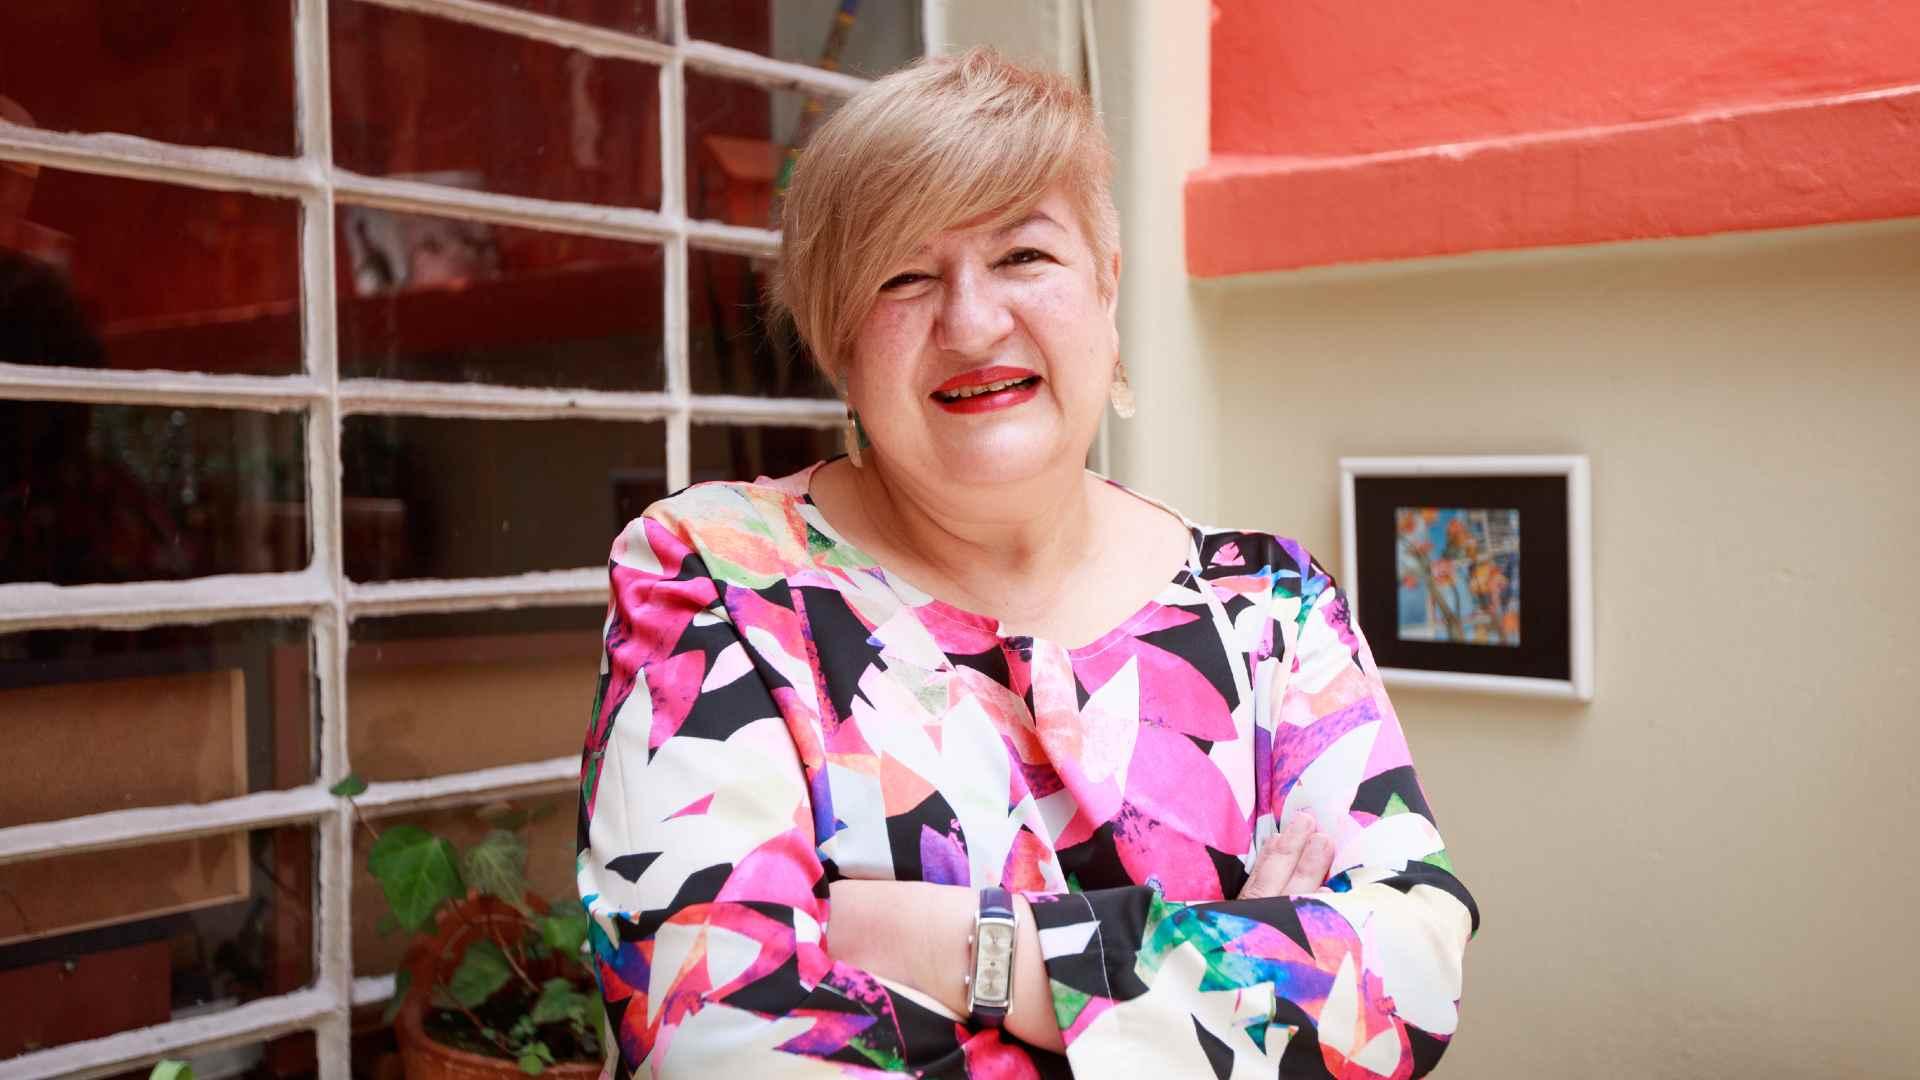 Las historias de Diana Uribe, podcast de Radio Nacional de Colombia